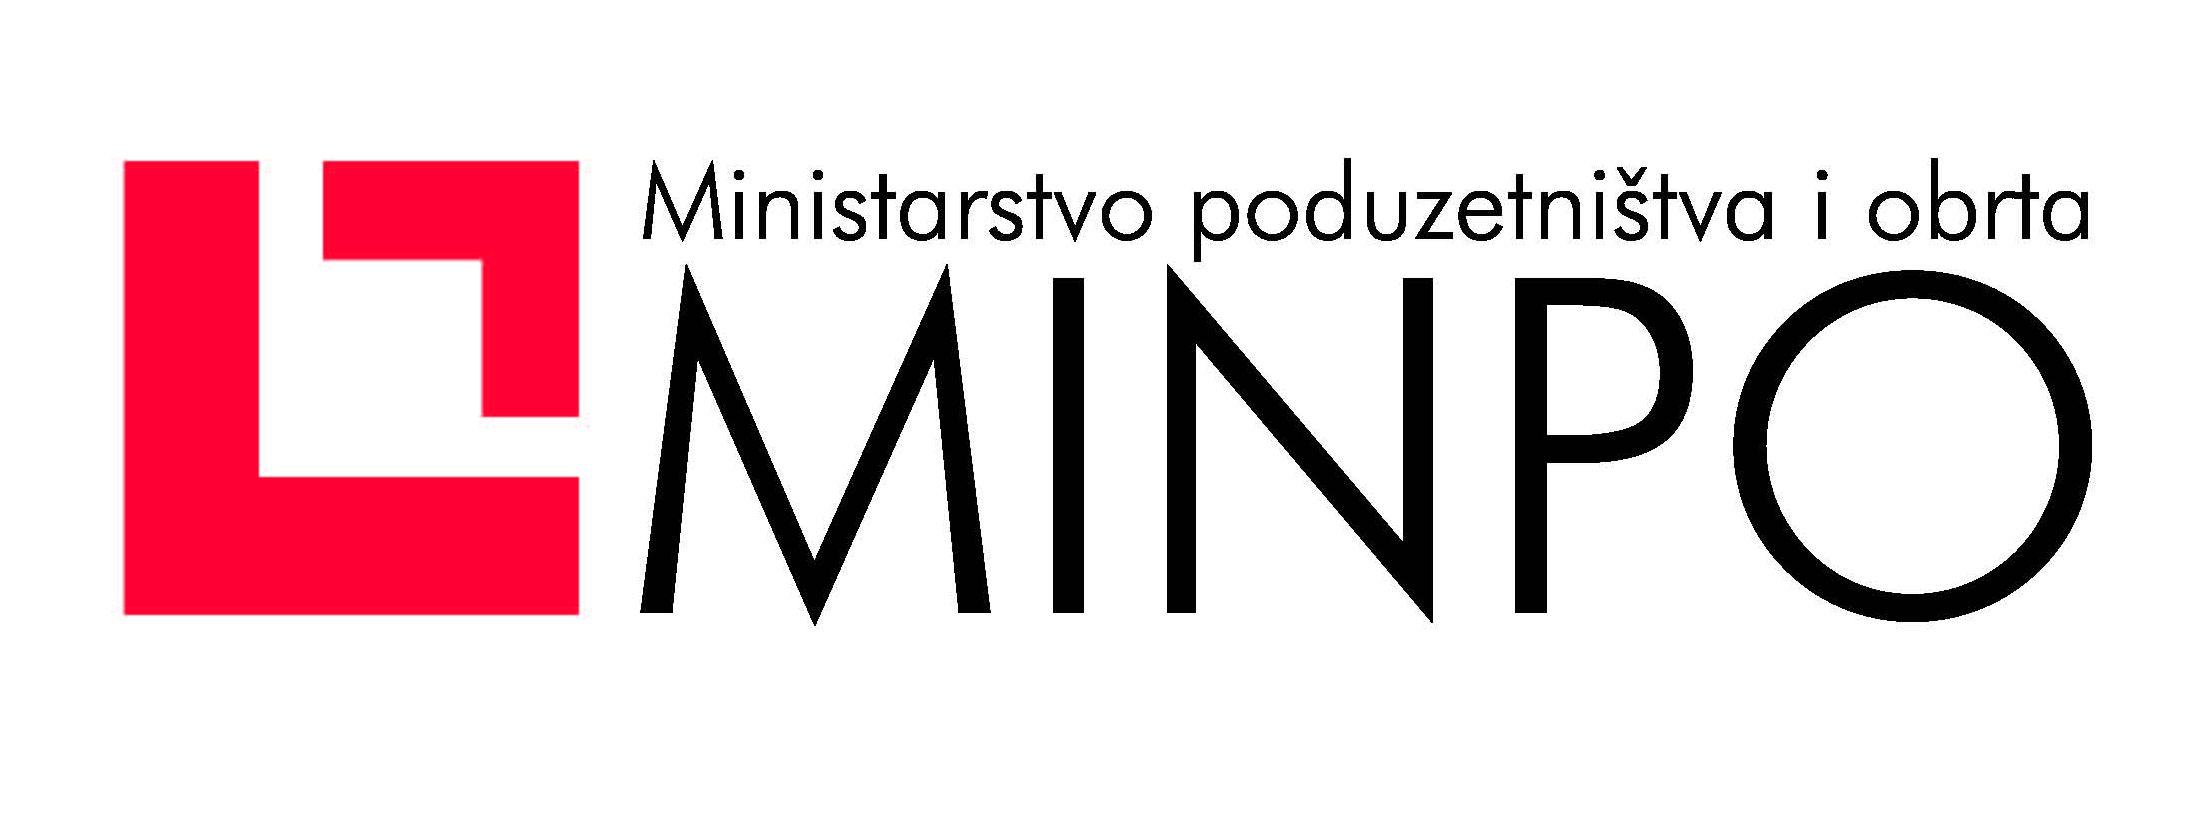 MINISTARSTVO PODUZETNIŠTVA I OBRTA